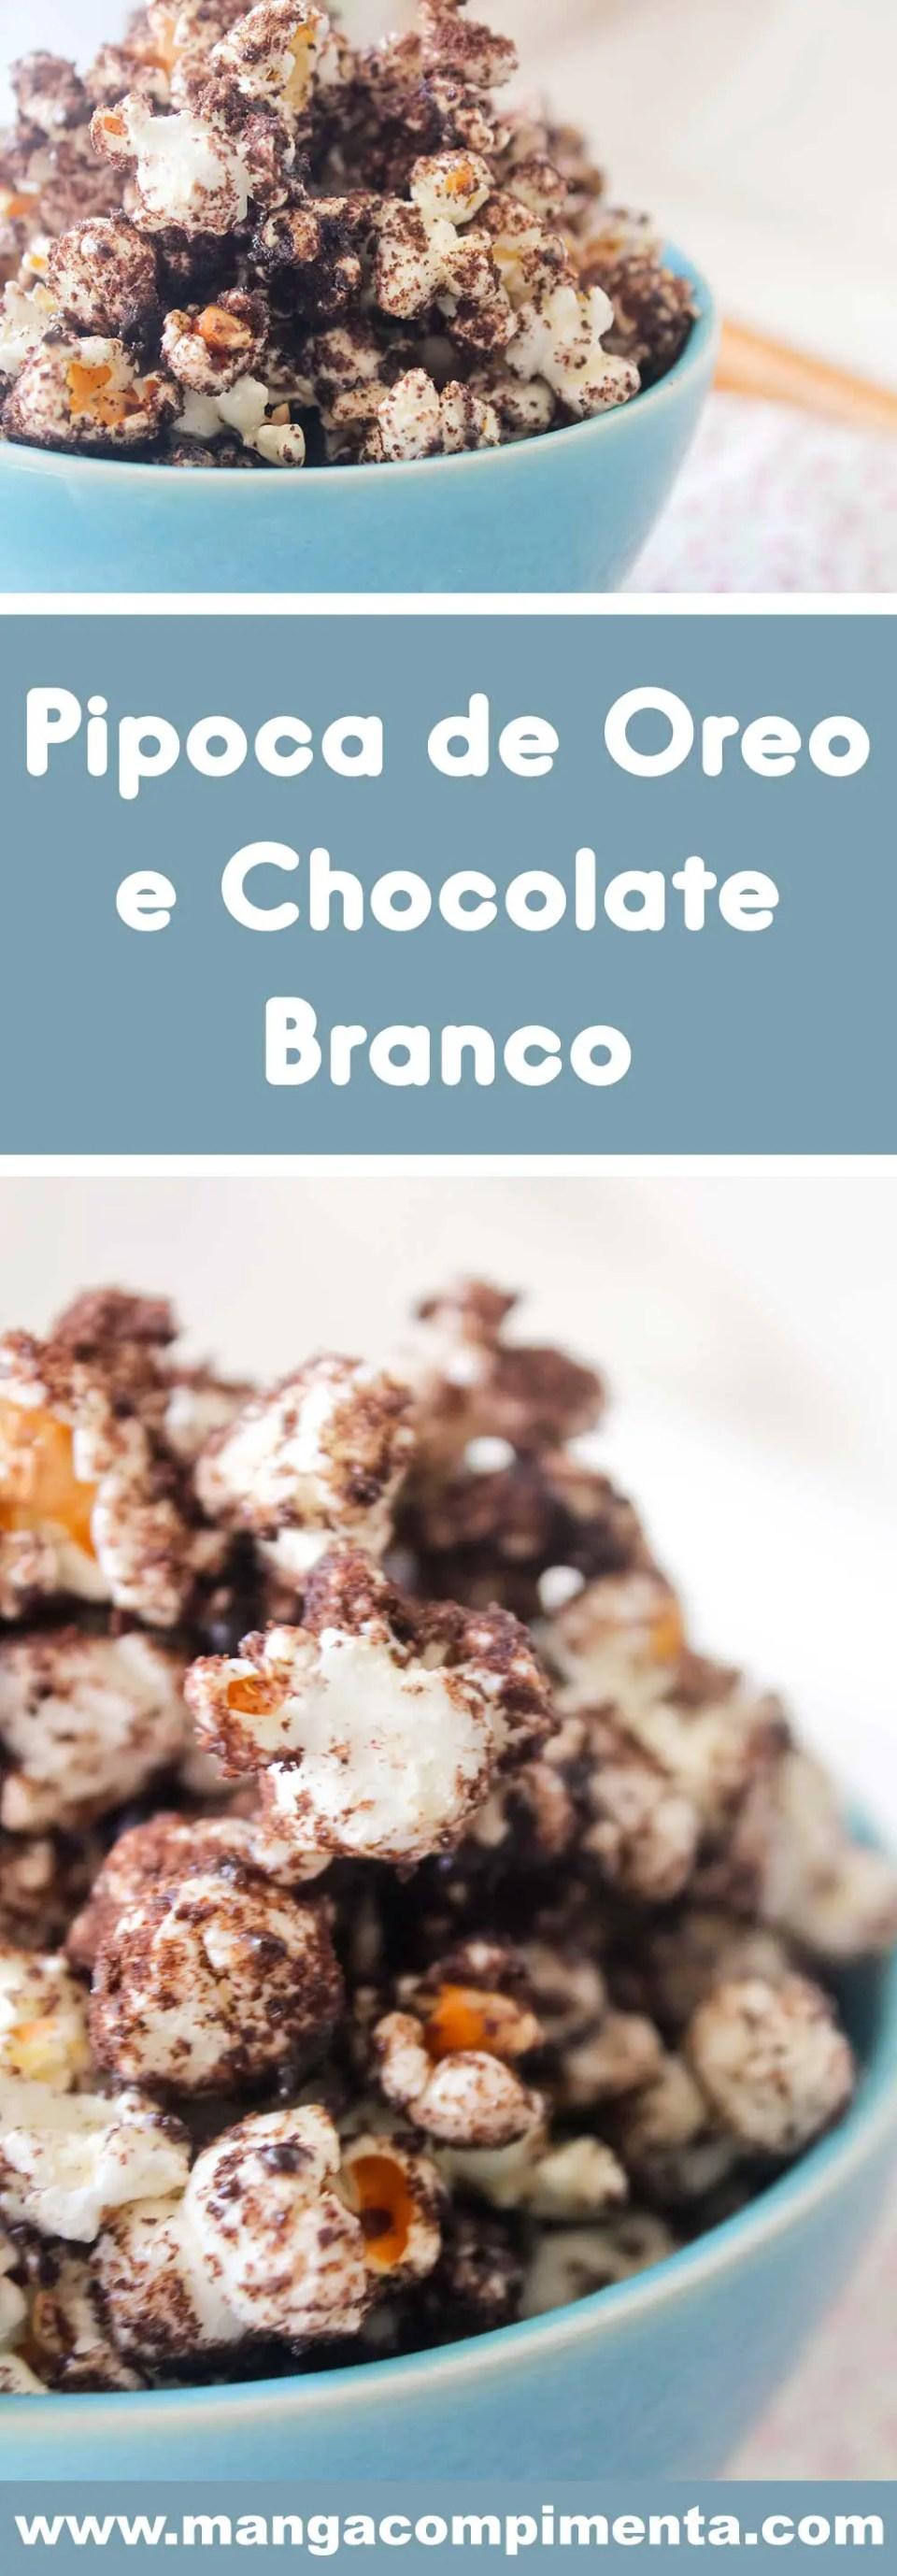 Receita de Pipoca de Oreo e Chocolate Branco - prepare essa delícia para a sua família e curta um bom filme!